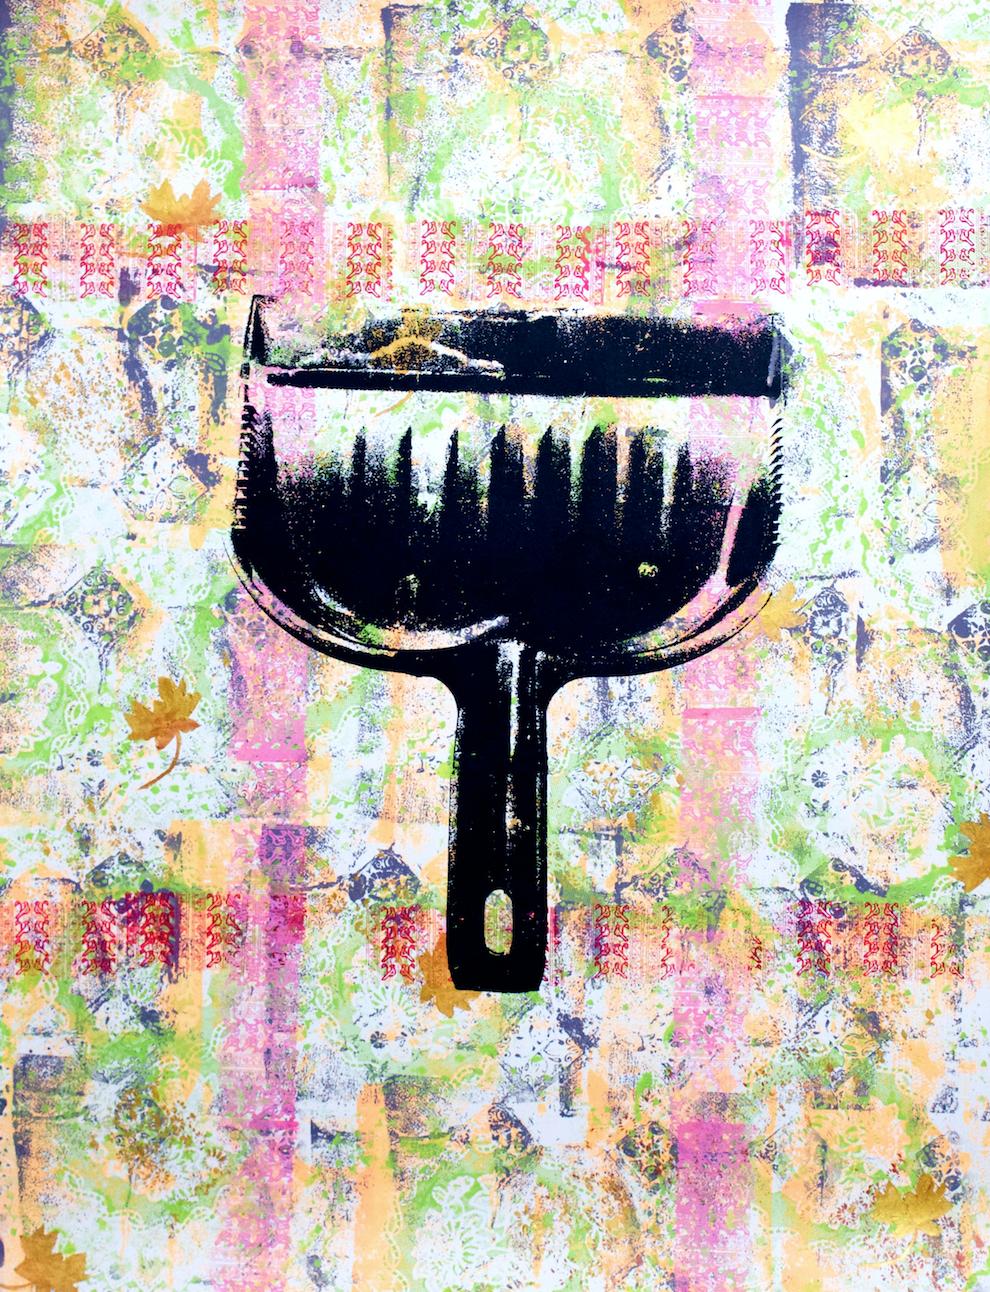 Dustpan#1 © Claudia Cano